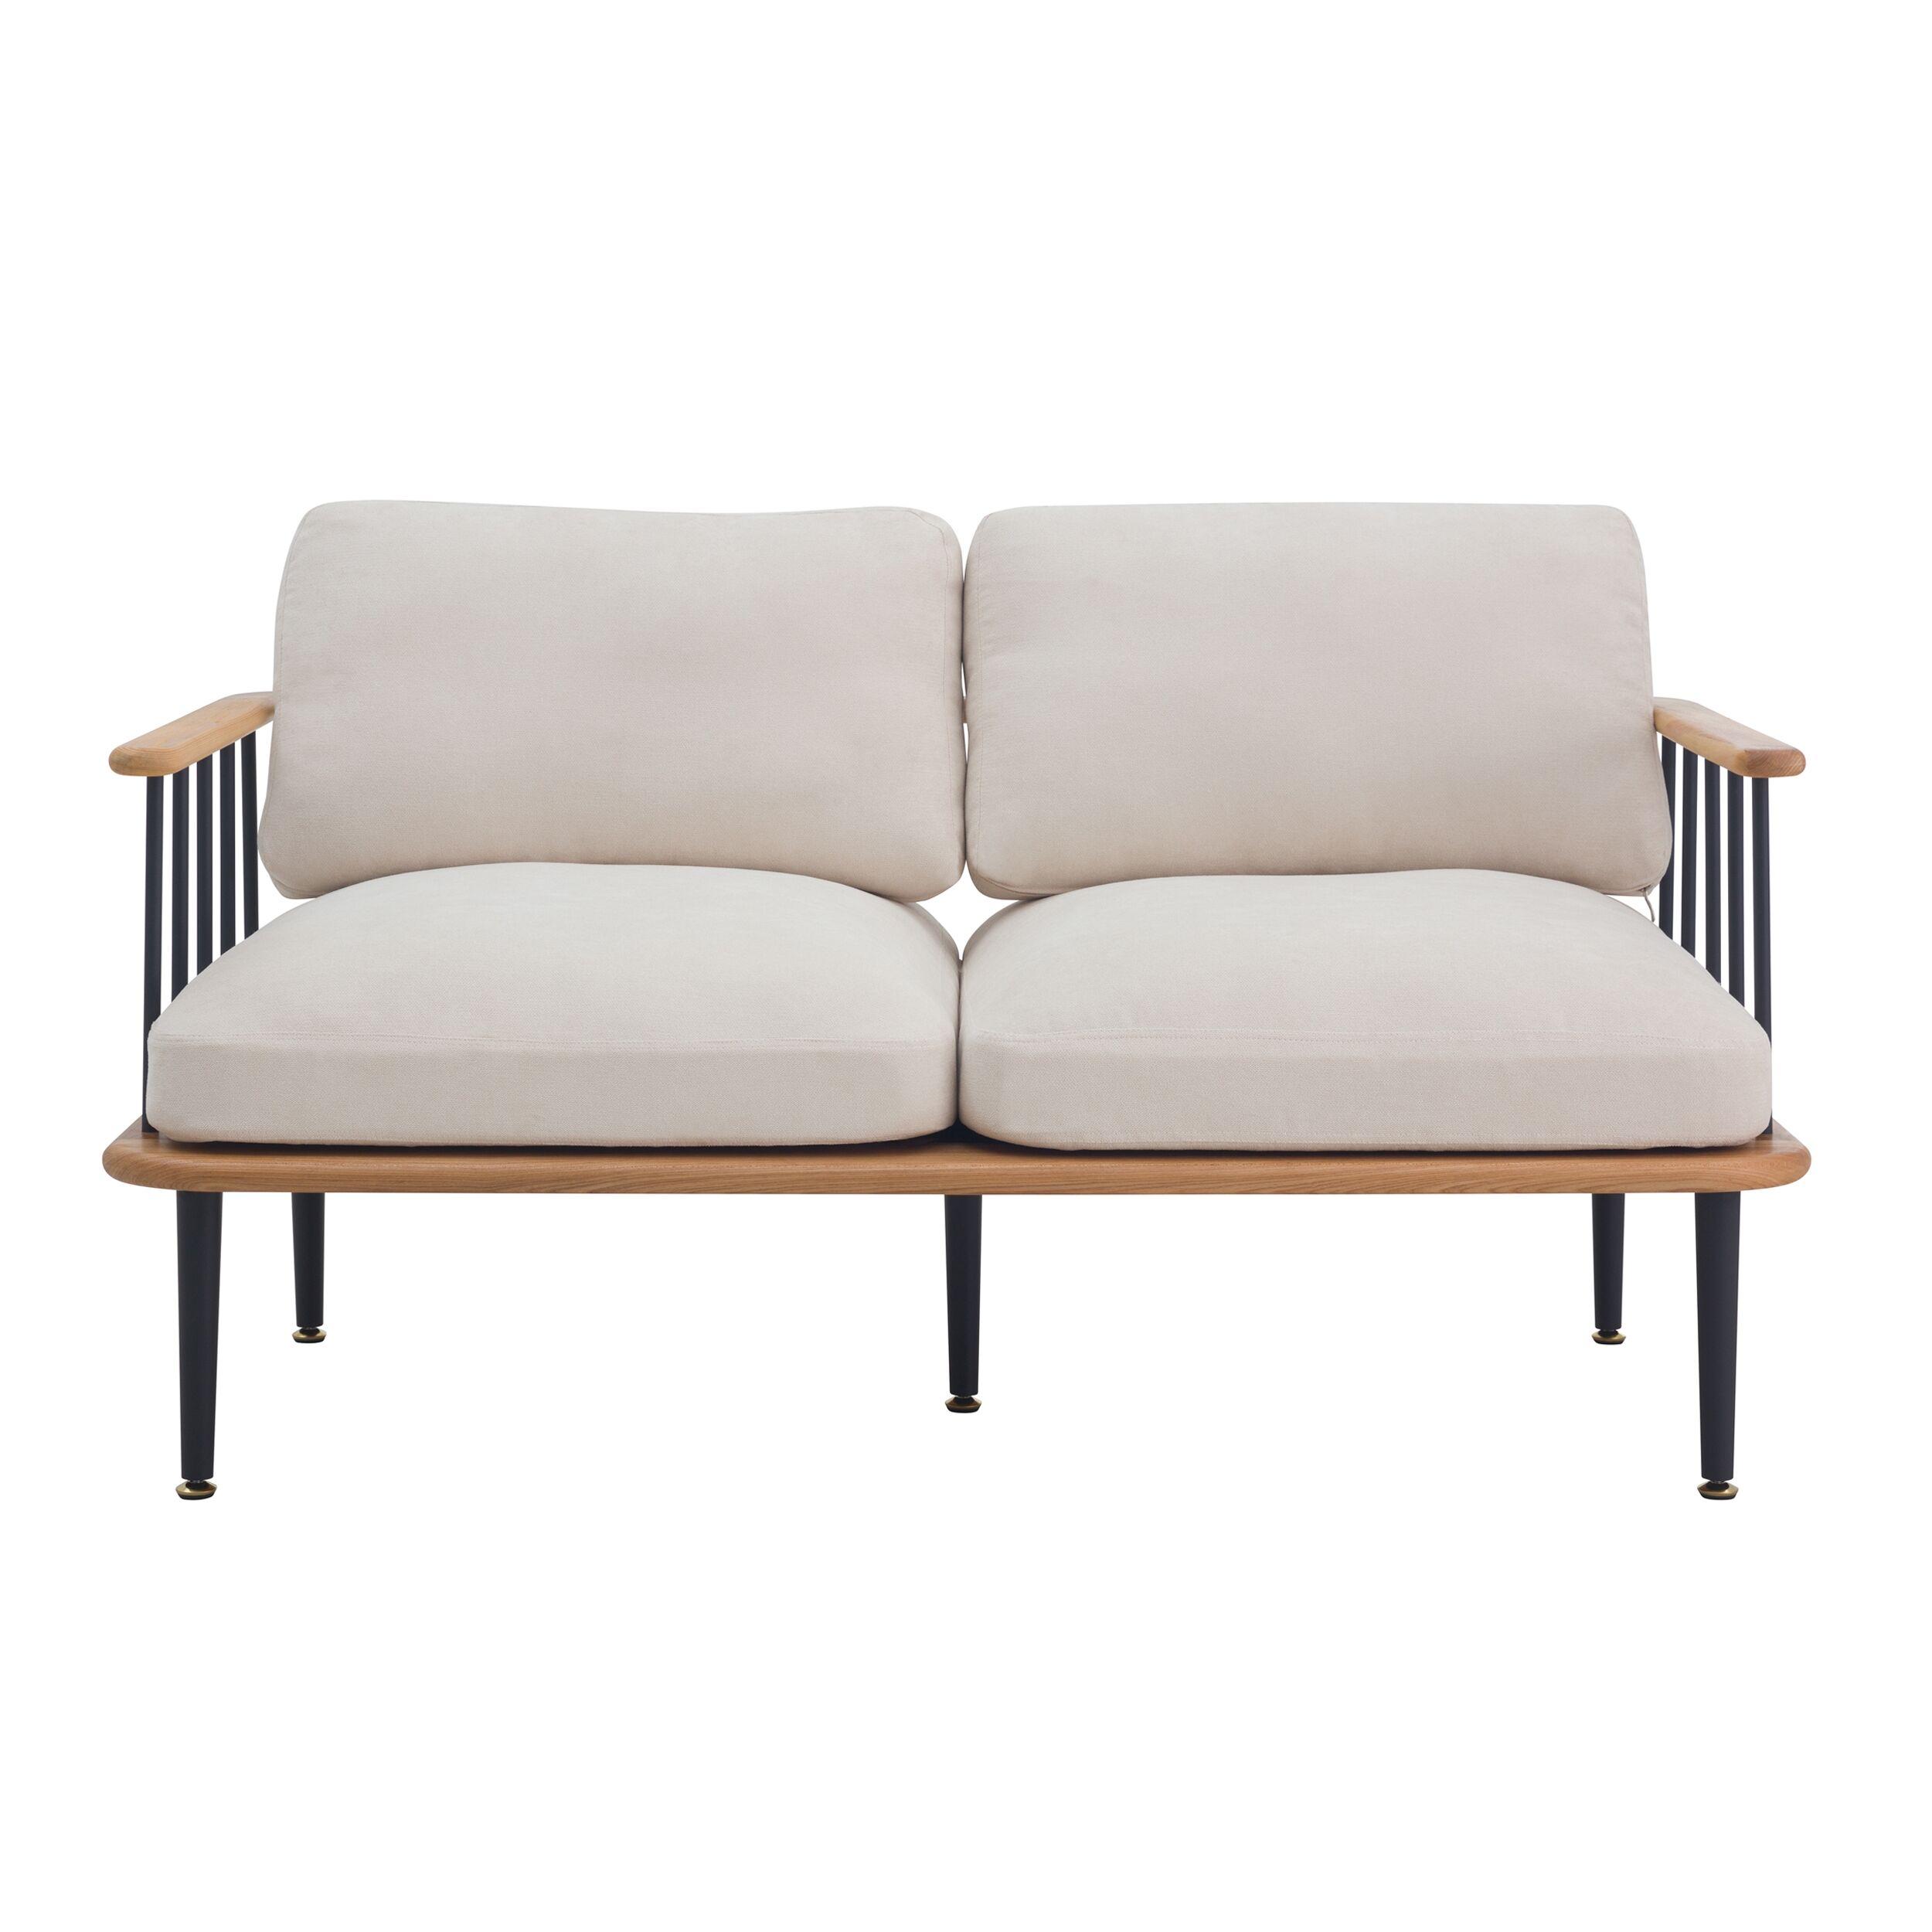 Rendez vous déco Canapé 2 places en bois d'orme, tissu beige et métal noir